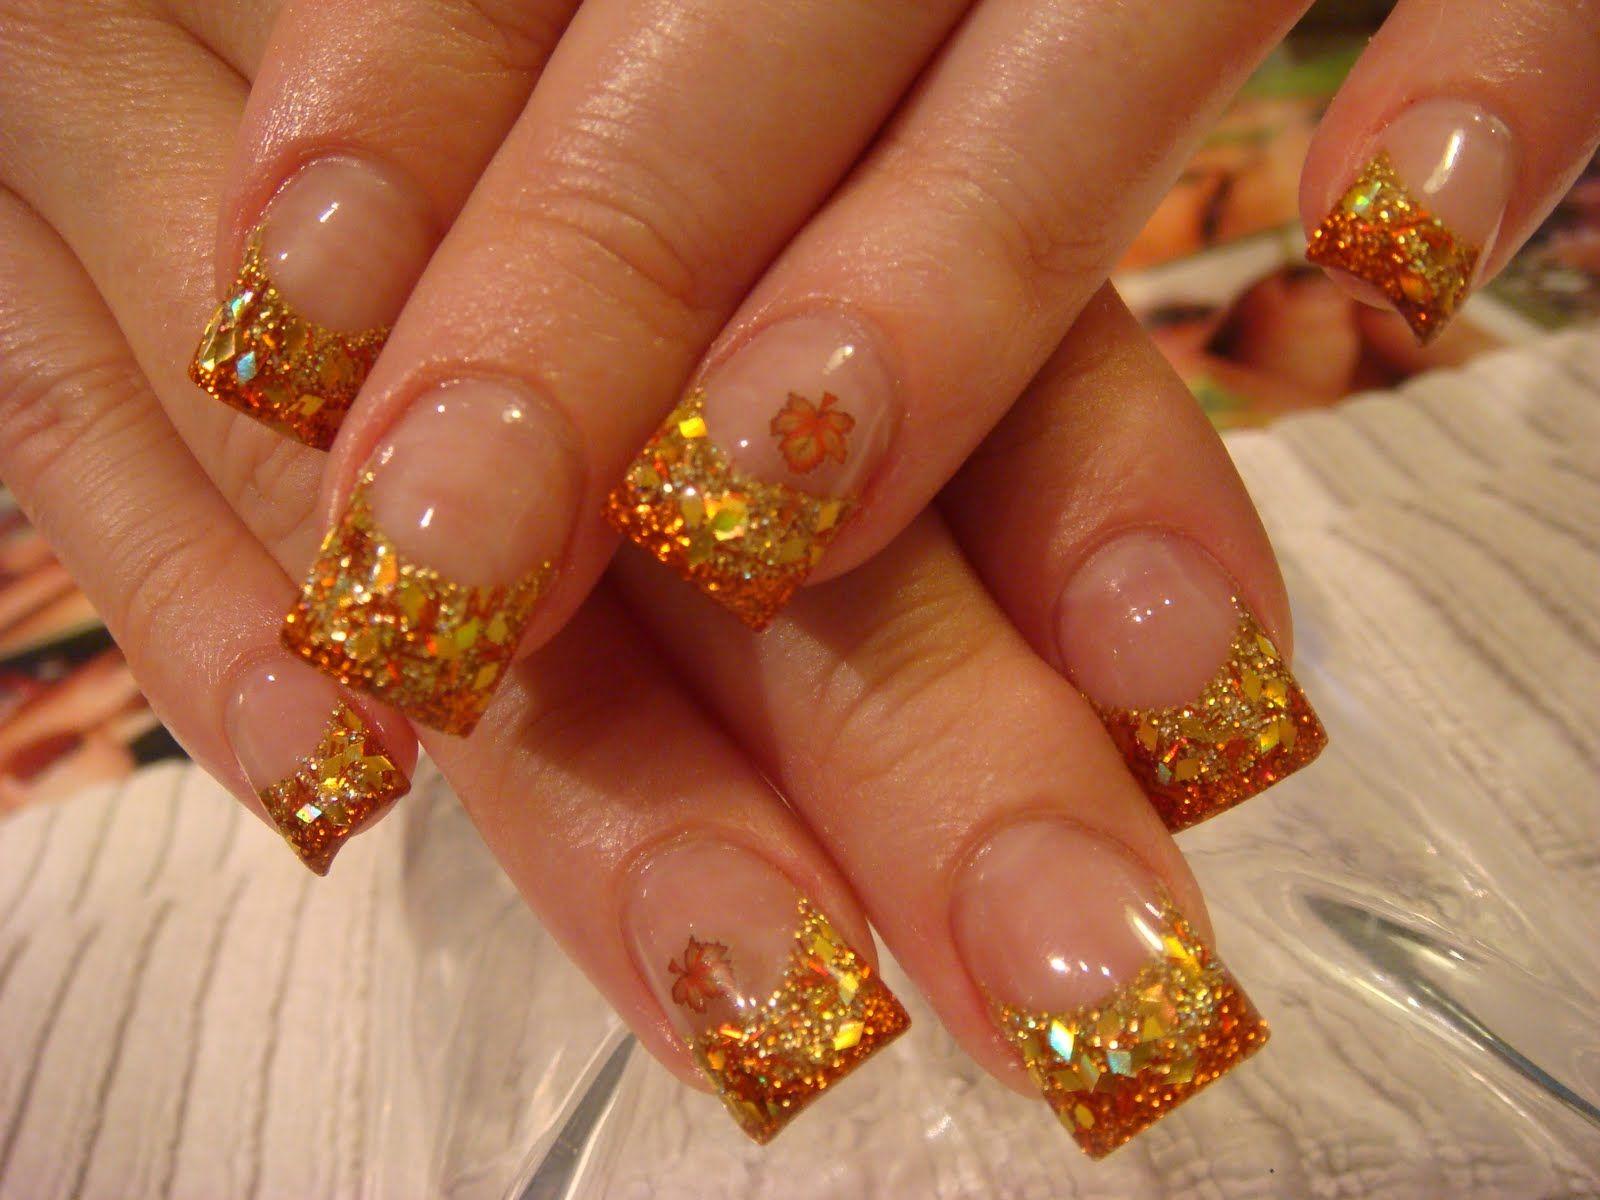 halloween acrylic nails   Halloween Acrylic Nail Designs - Nails ...